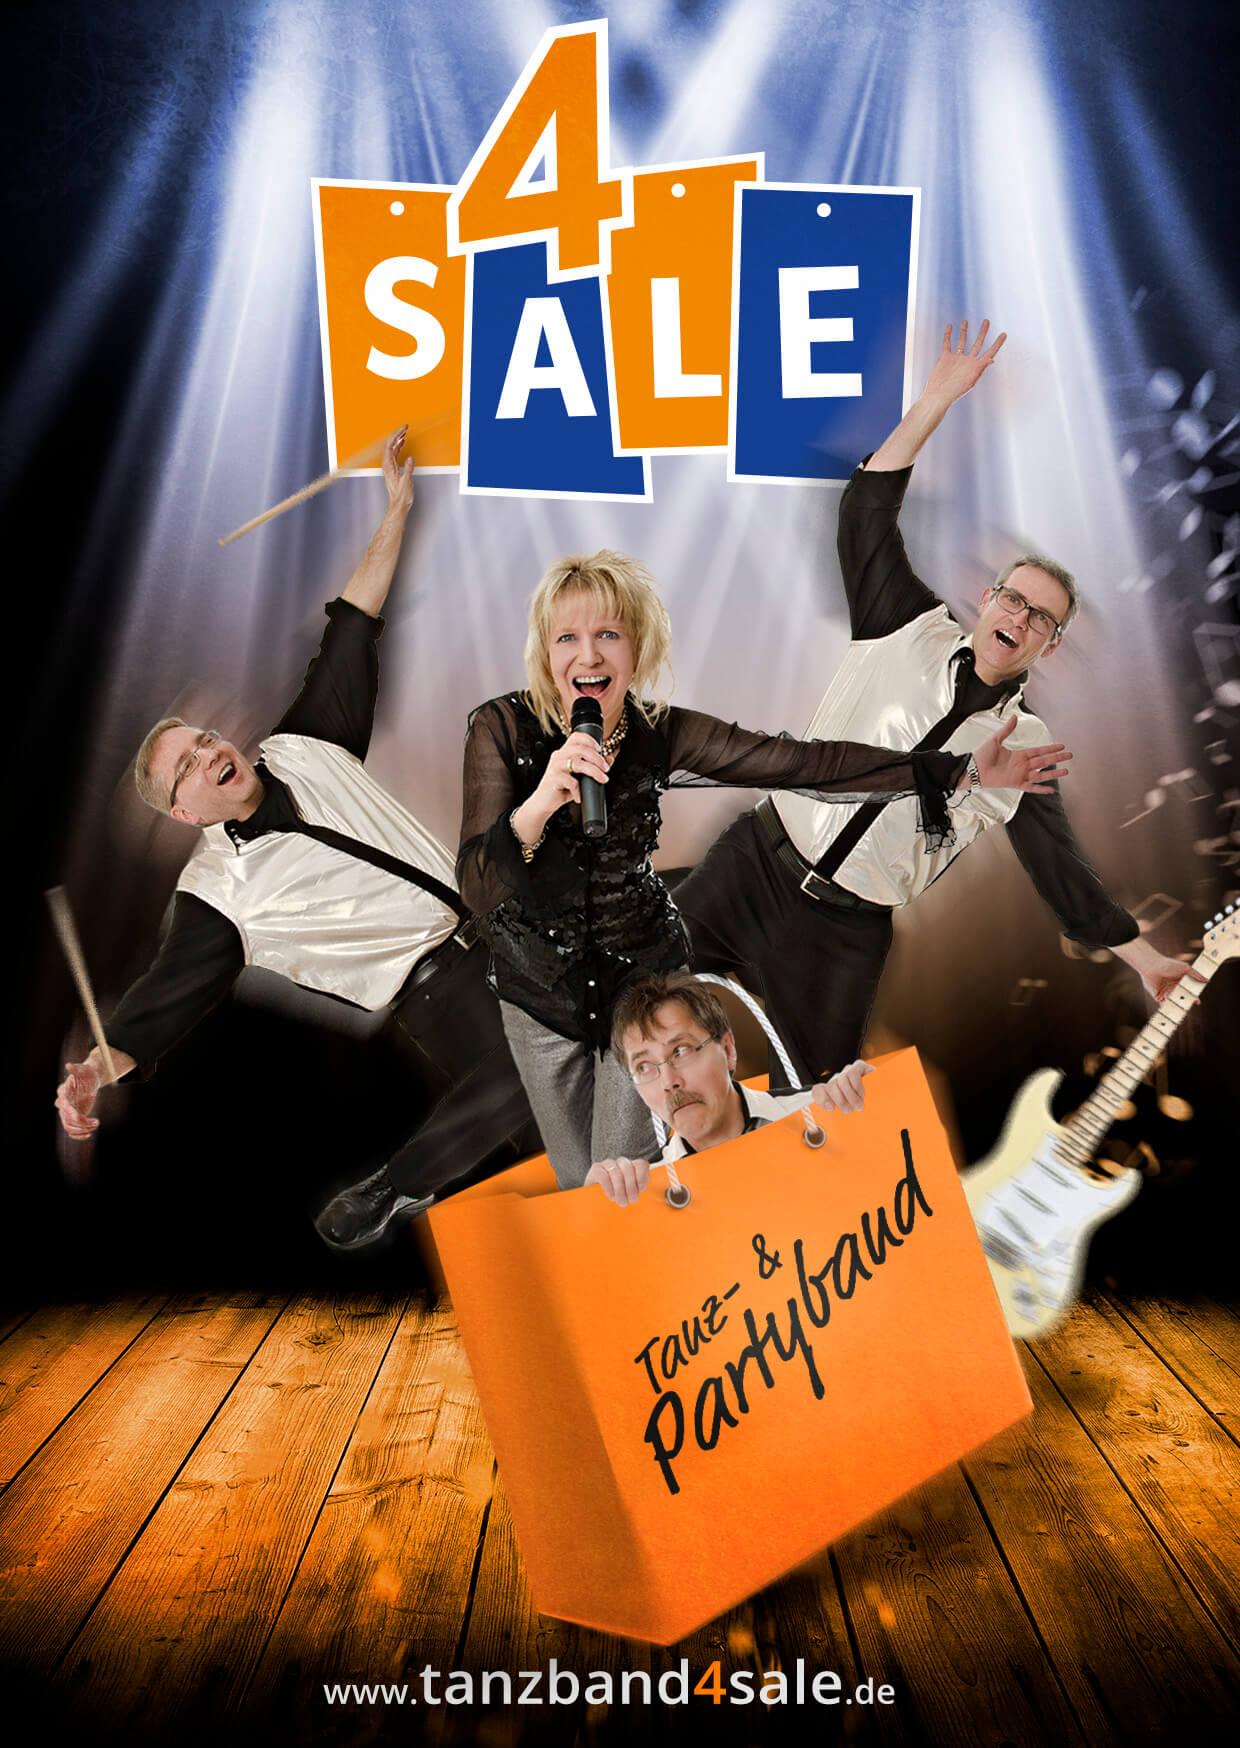 Downloads - Plakat 4 SALE mit Logo